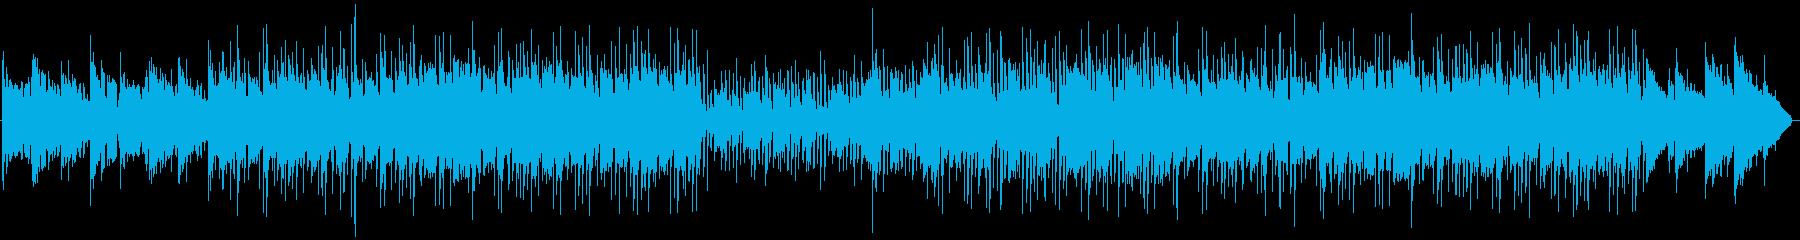 自然 サスペンス 説明的 静か 楽...の再生済みの波形